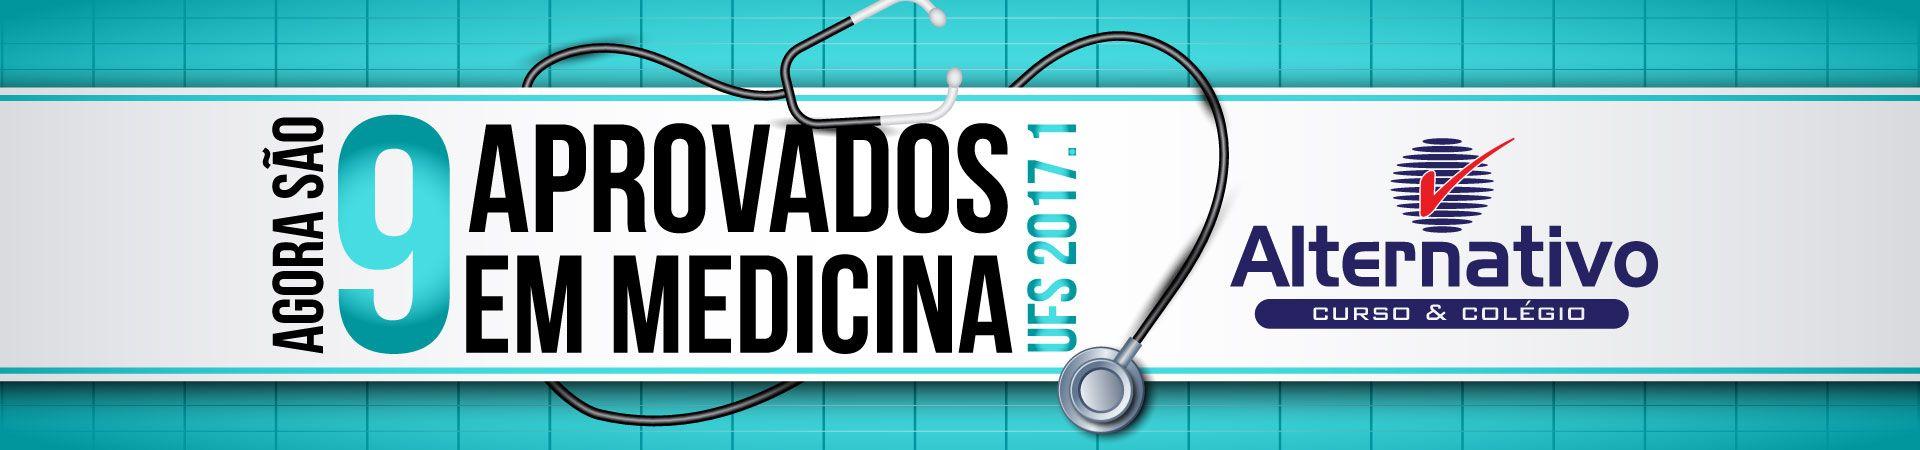 9 aprovados Medicina